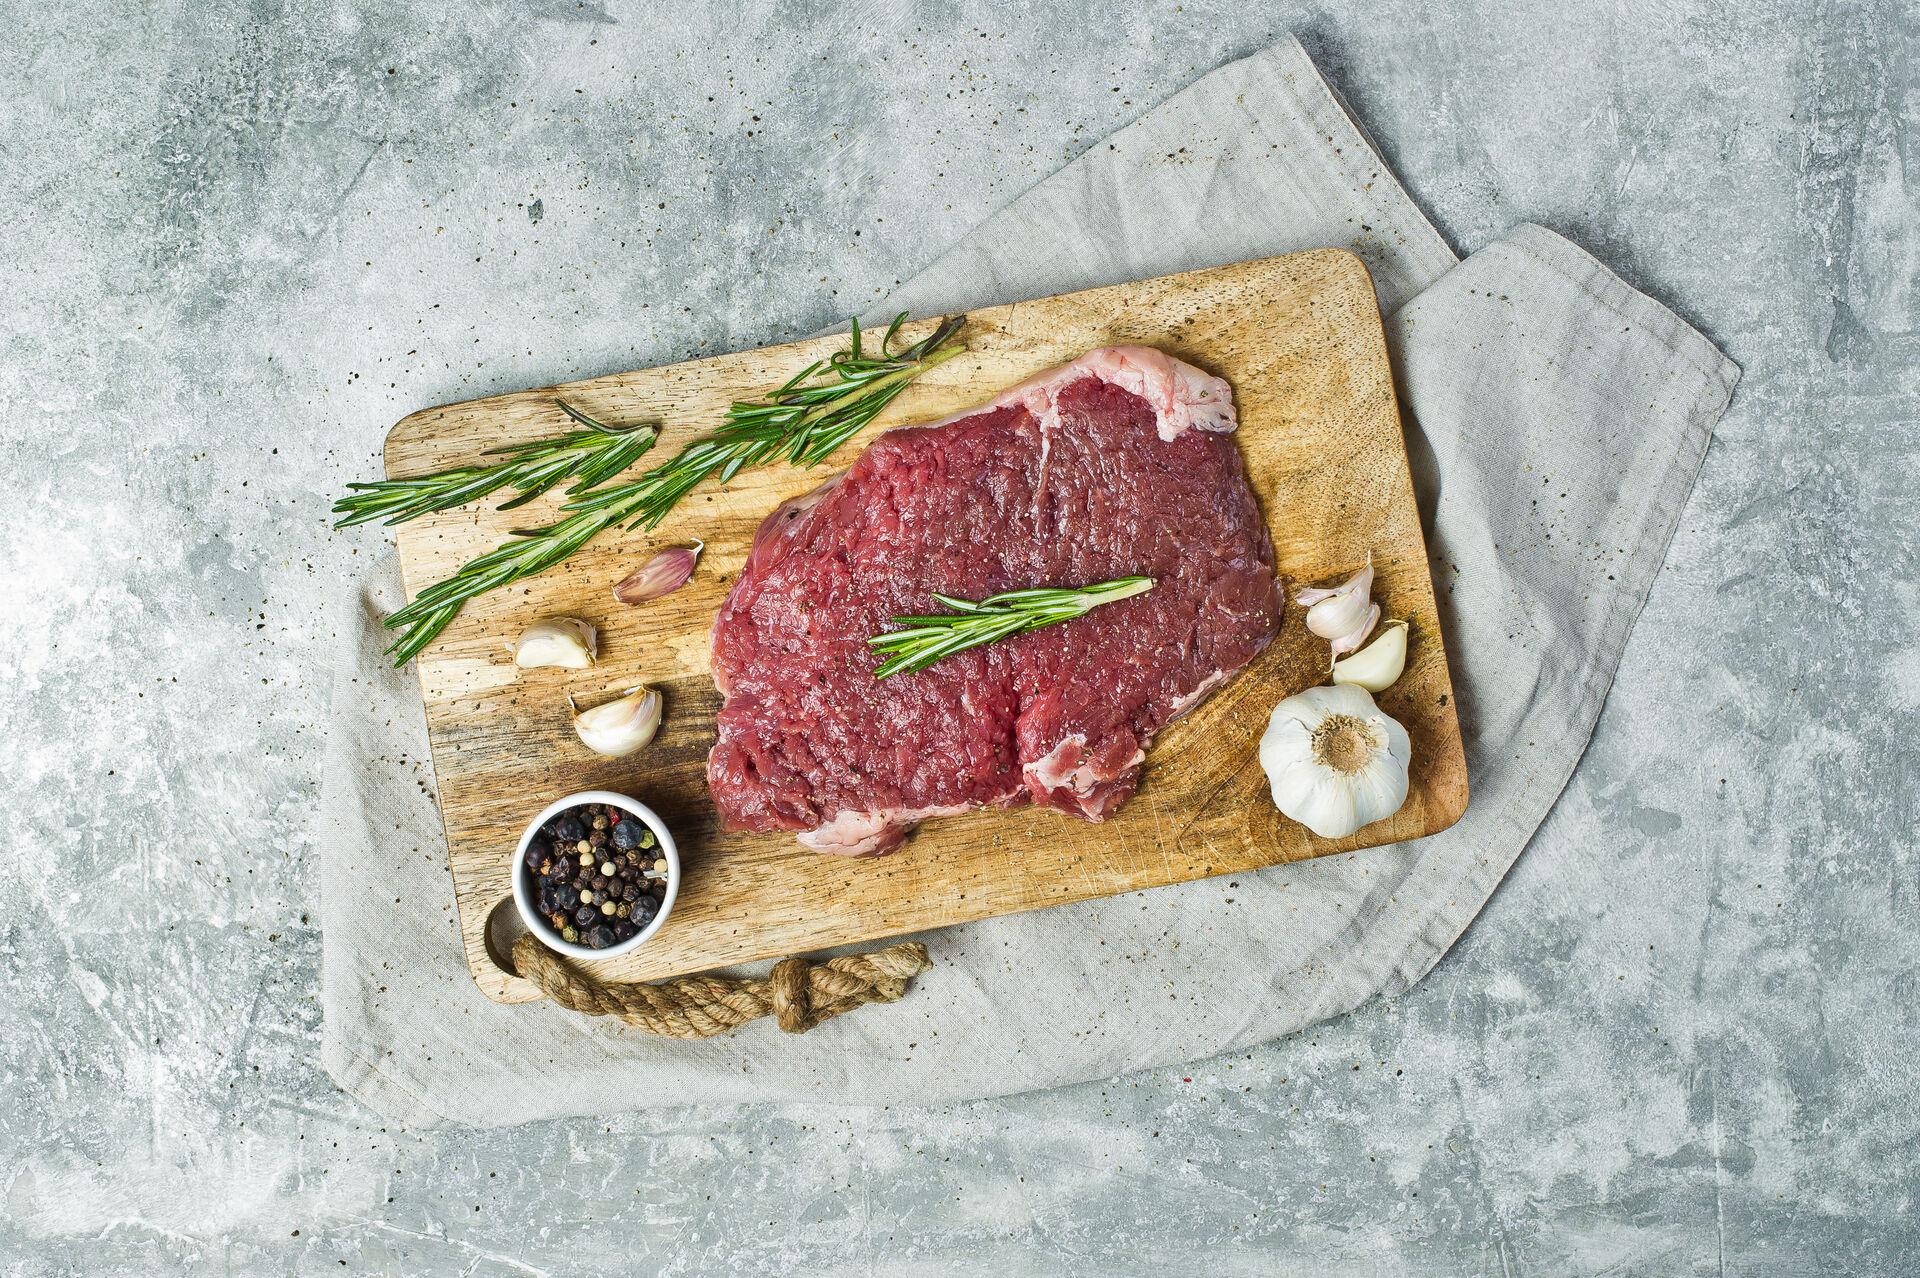 Foodblog: Die Underdogs unter den Steaks